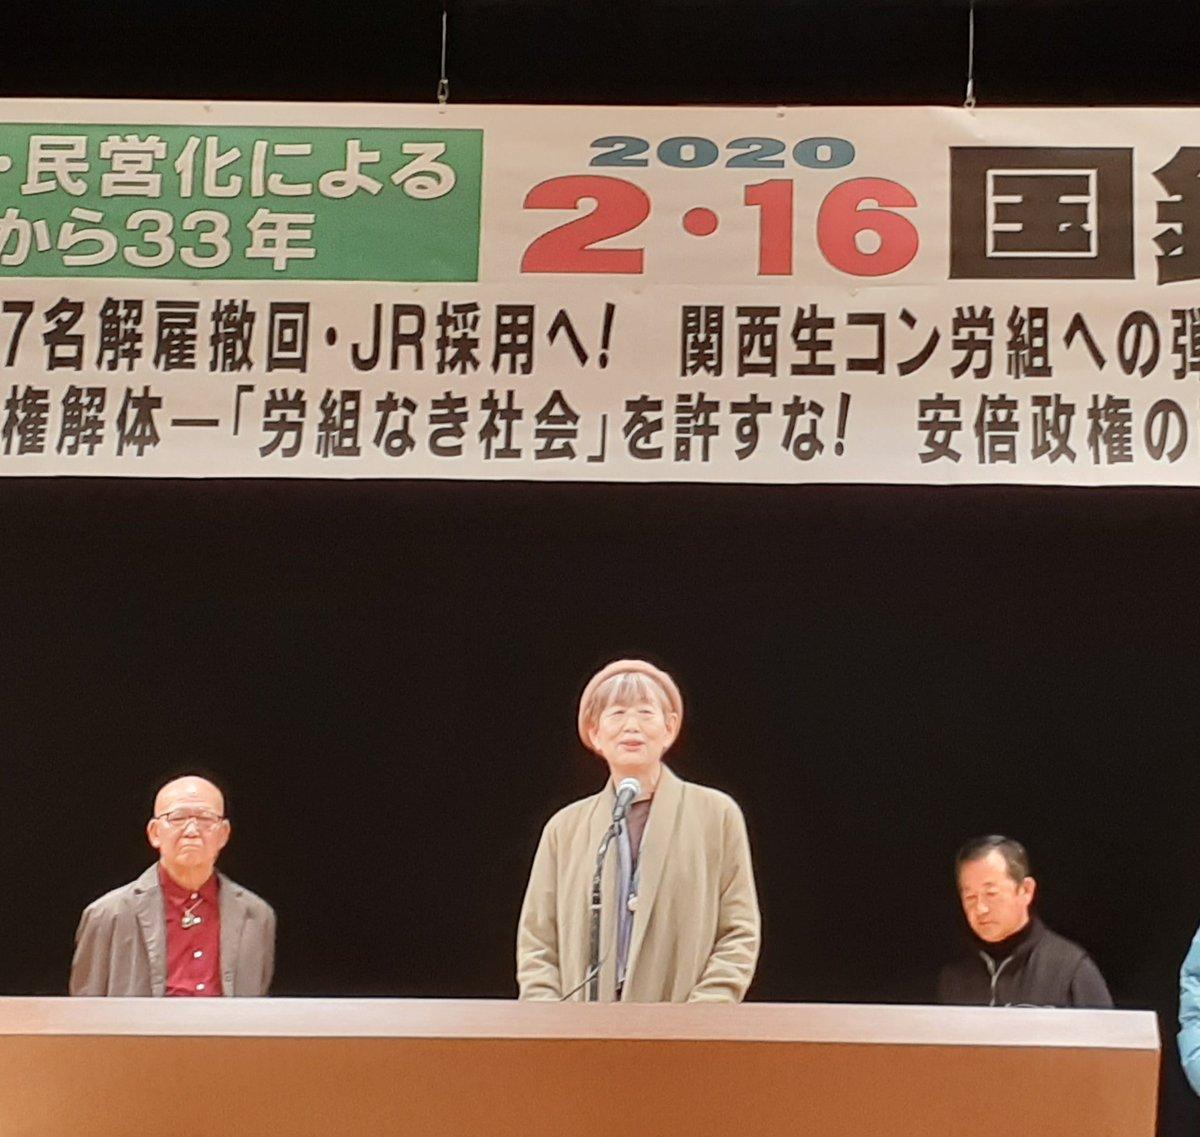 """全学連@11.1労学連帯! on Twitter: """"本日、2.16国鉄集会に参加してき ..."""